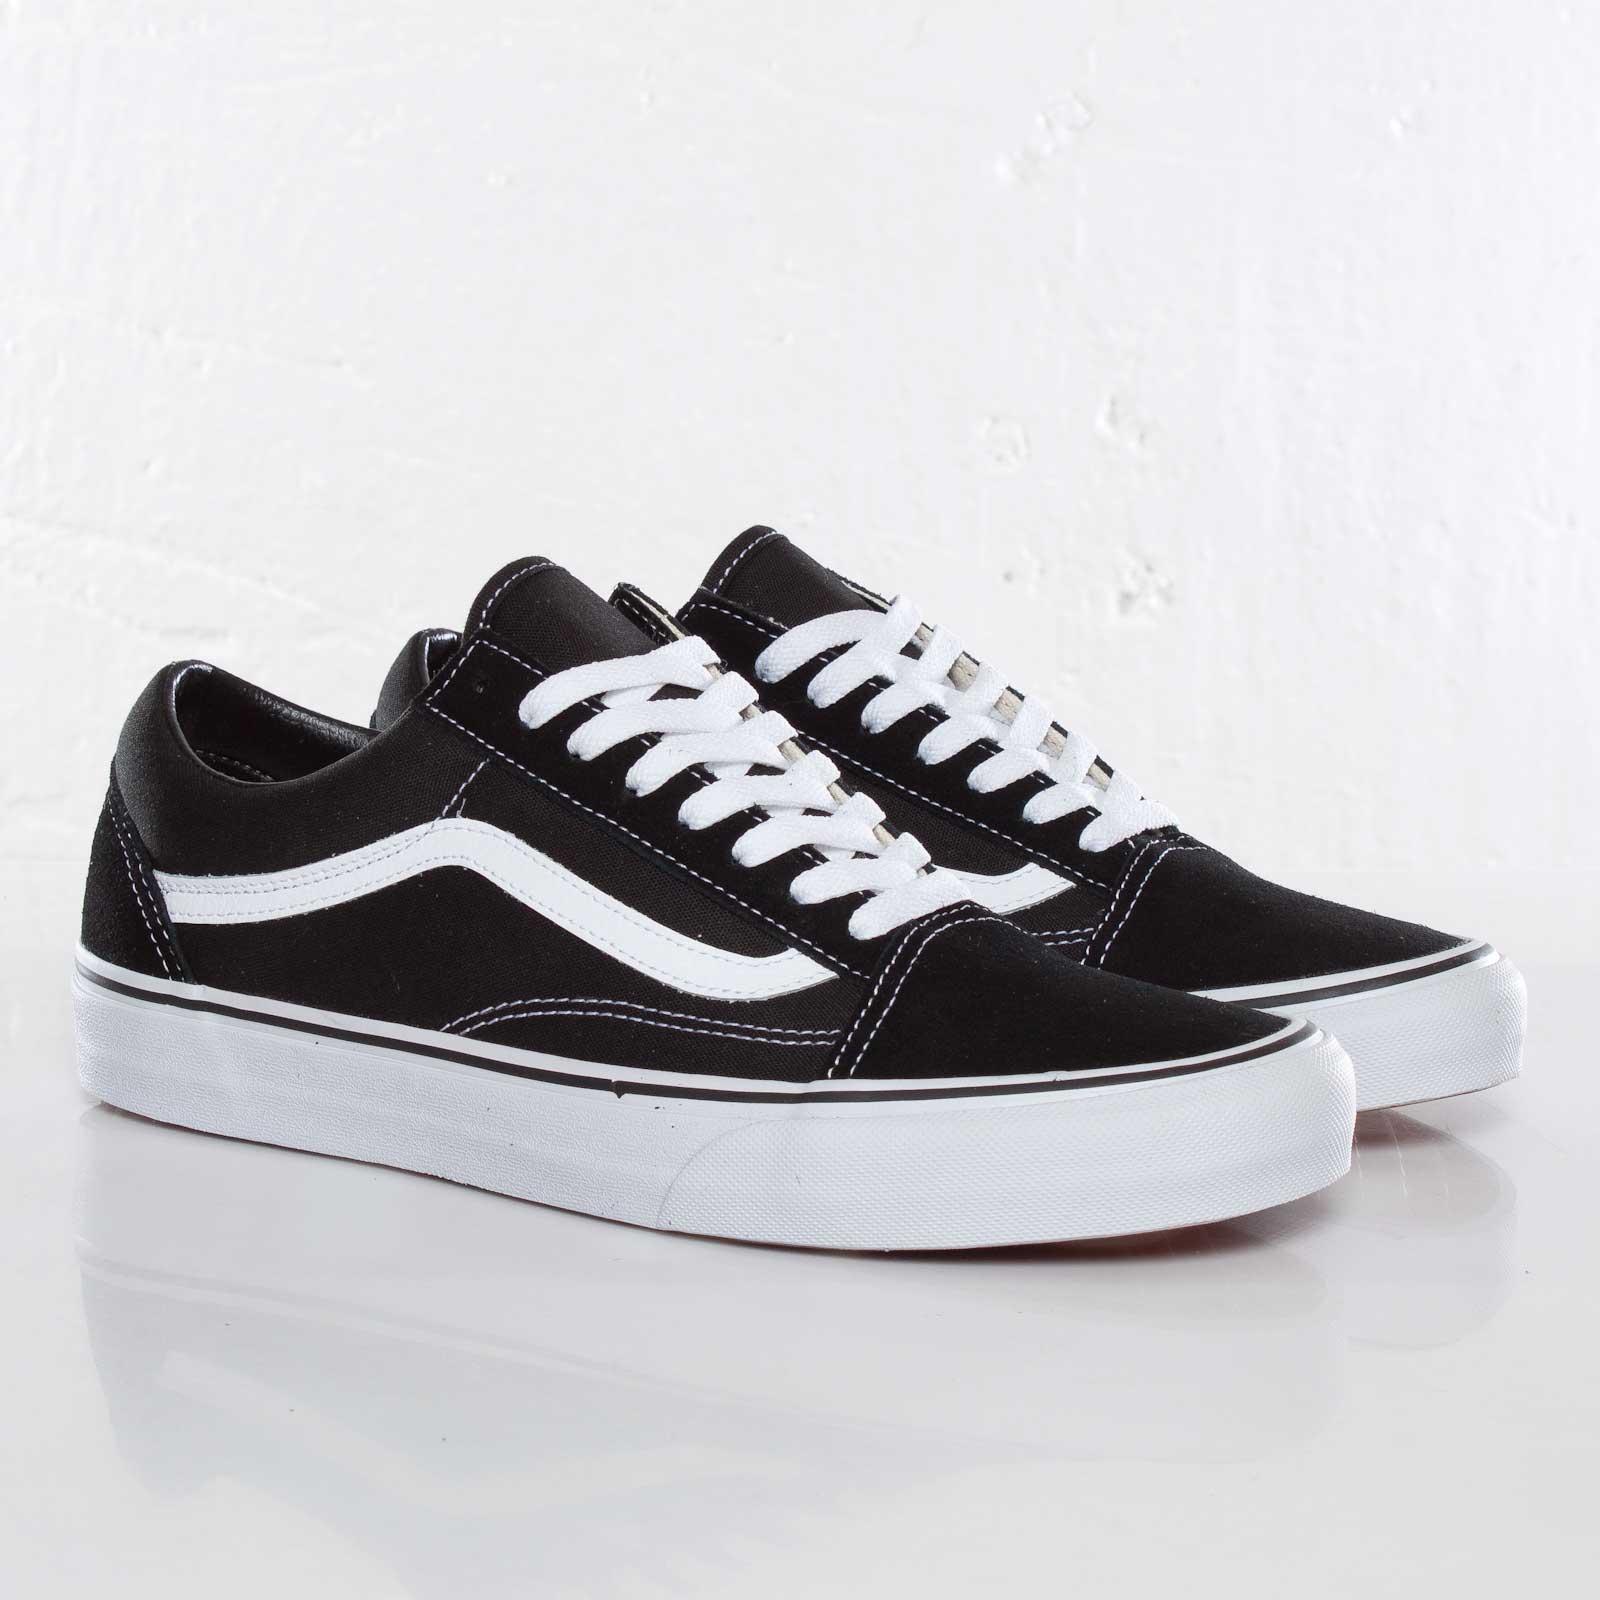 9ab112b647 Vans Old Skool - 82003 - Sneakersnstuff